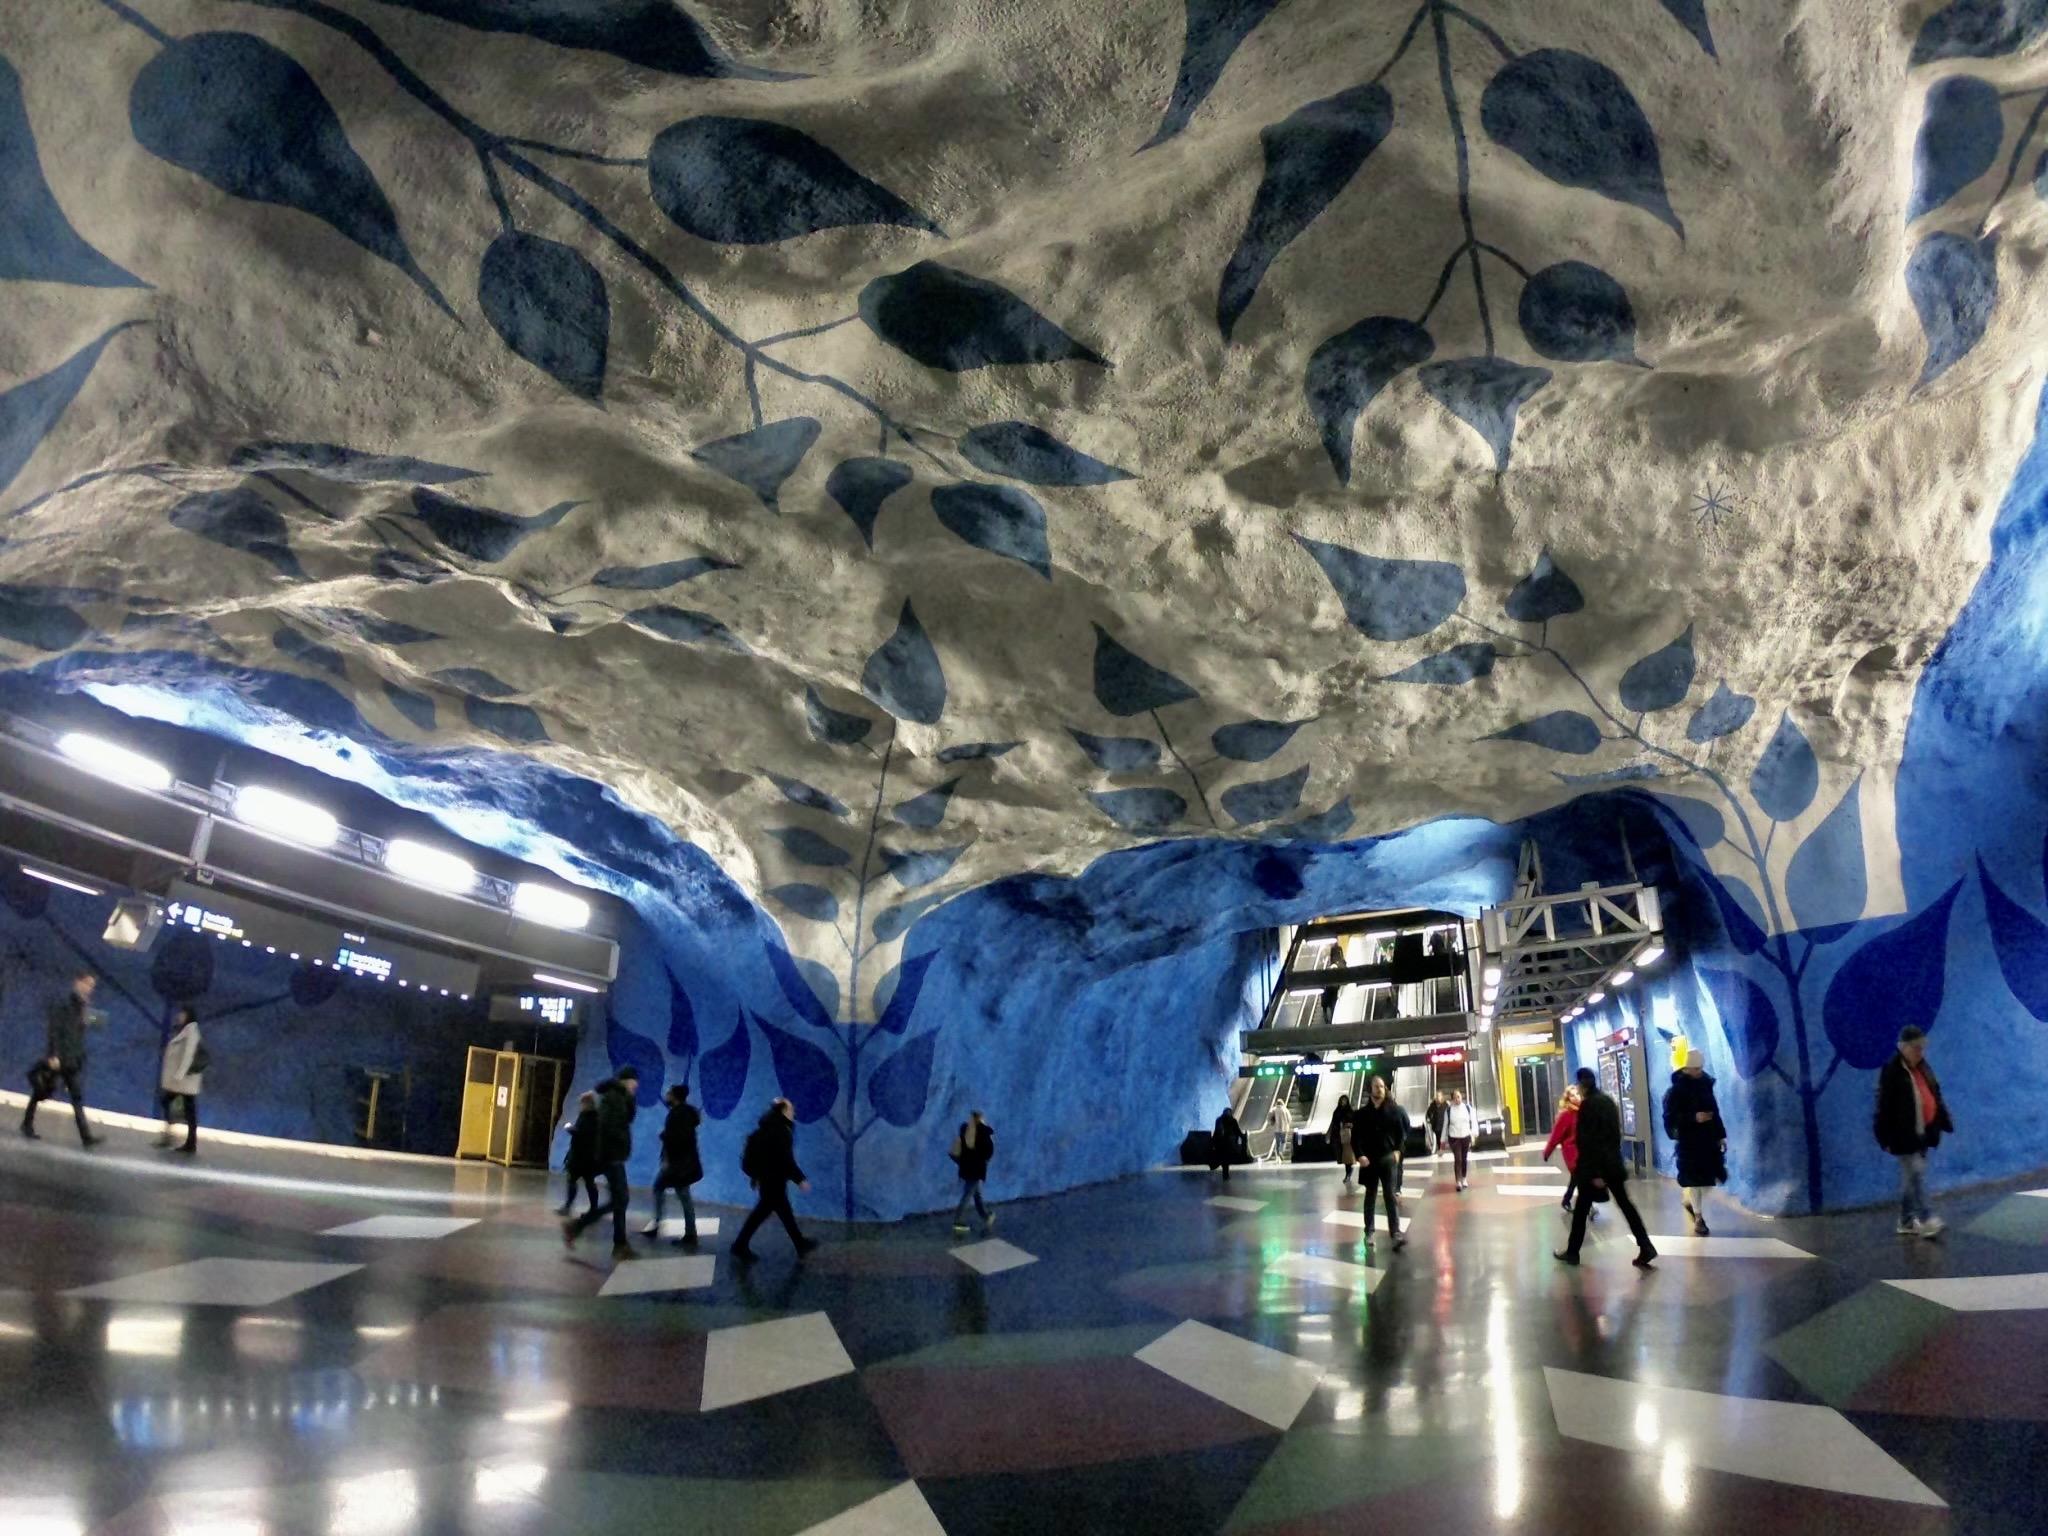 世界一長い美術館は駅⁉またもクレジットカード不正利用⁉